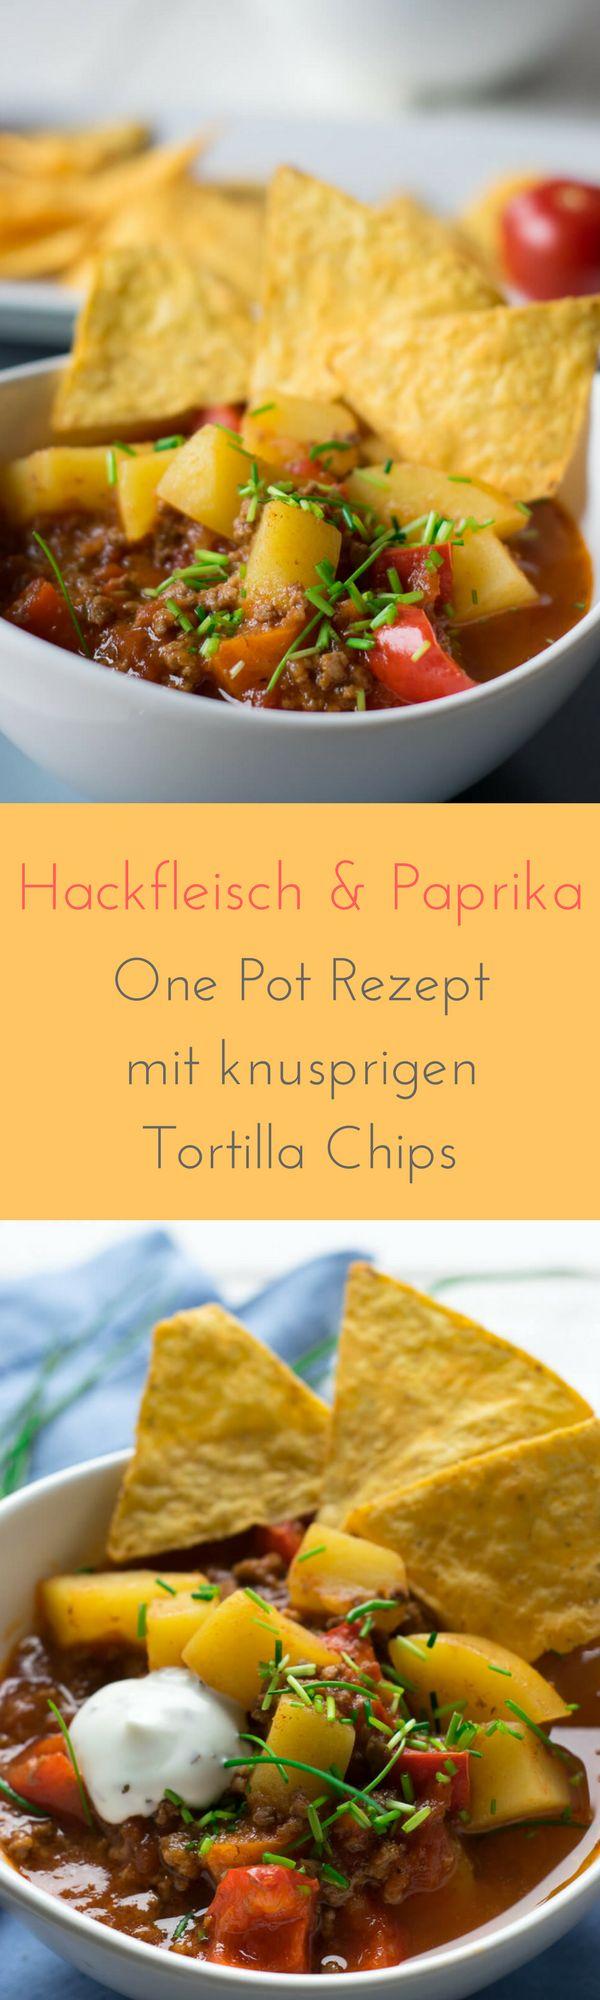 Paprika-Hackfleisch Topf mit Nachos zum Dippen